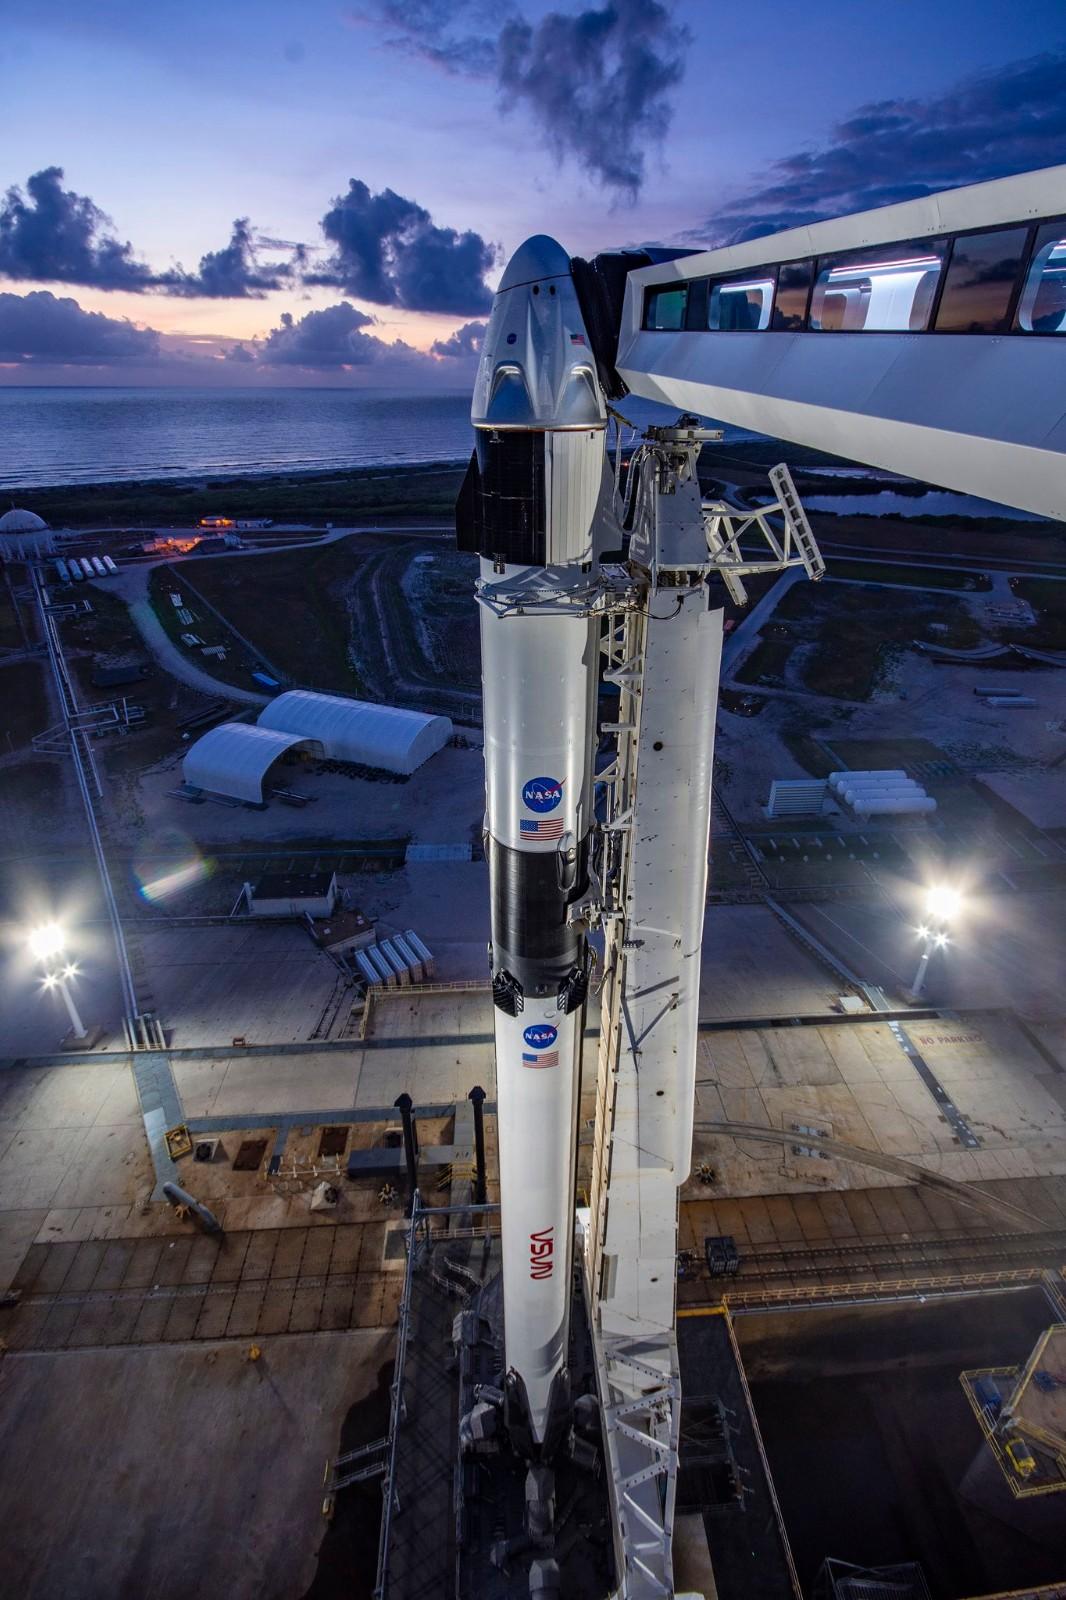 见证历史时刻到来!SpaceX载人龙飞船即将于周三发射_图1-3